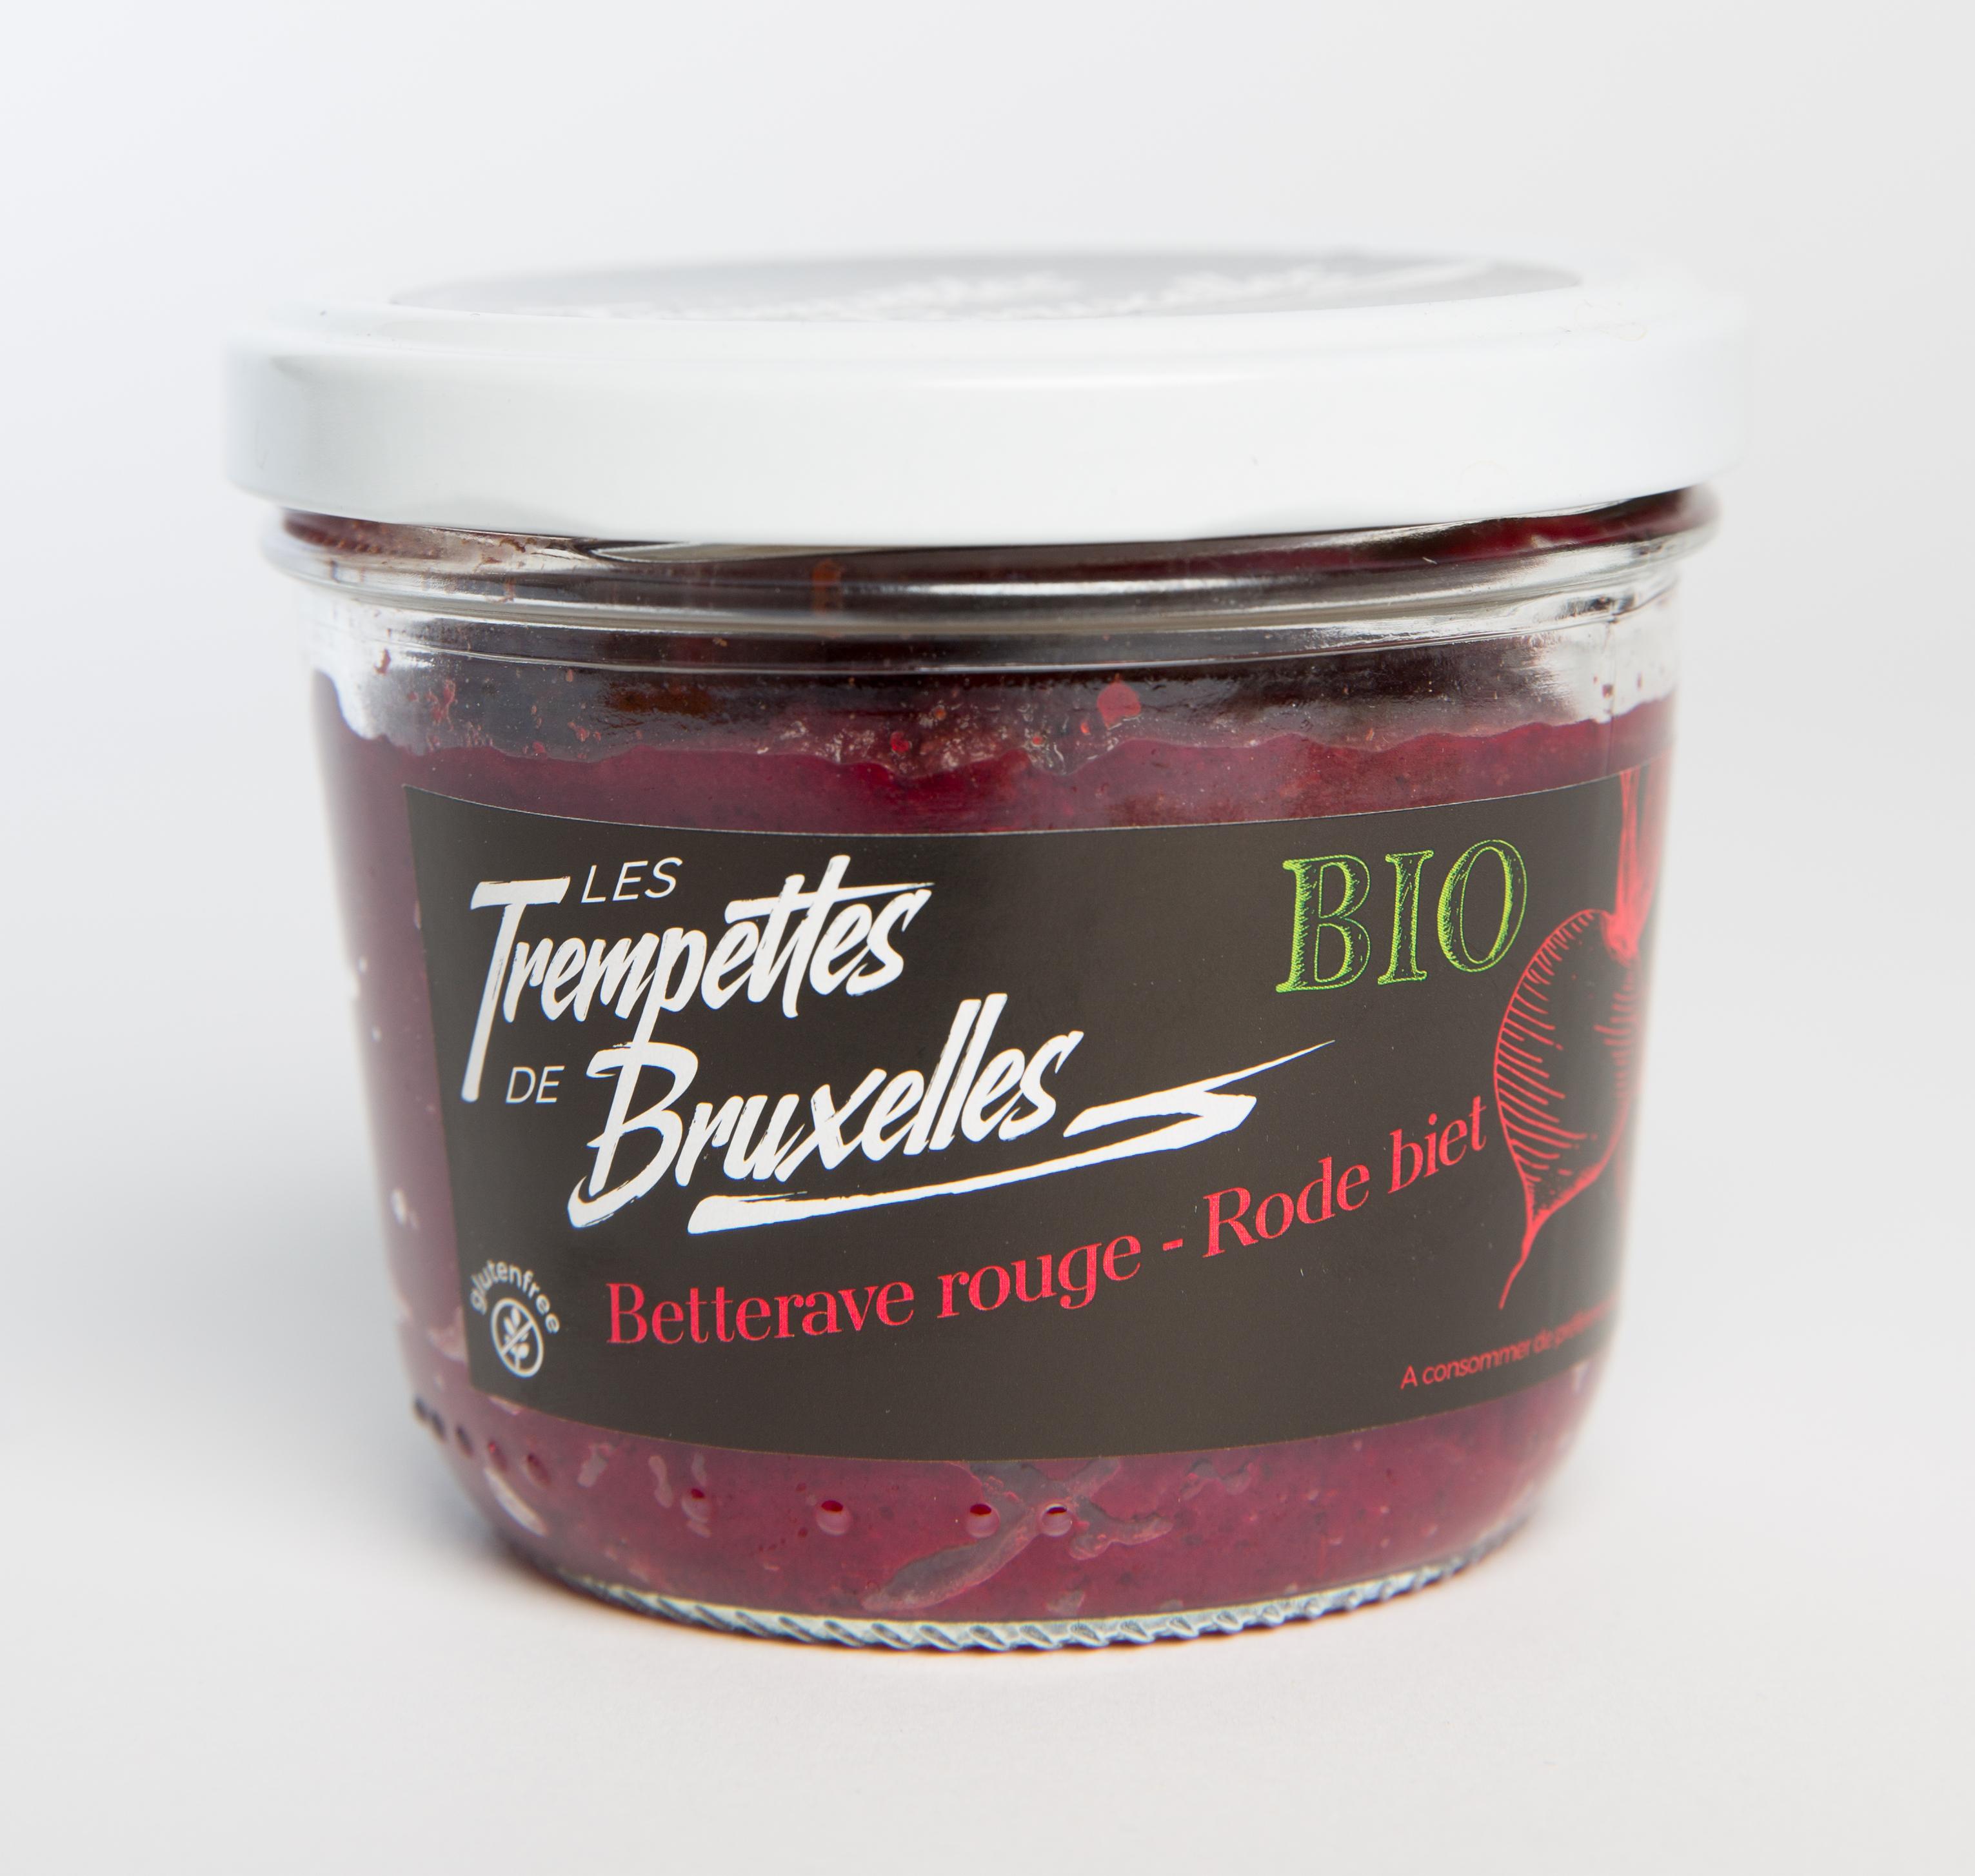 Trempettes saveur Betterave rouge BIO, Les Trempettes de Bruxelles (315 g)